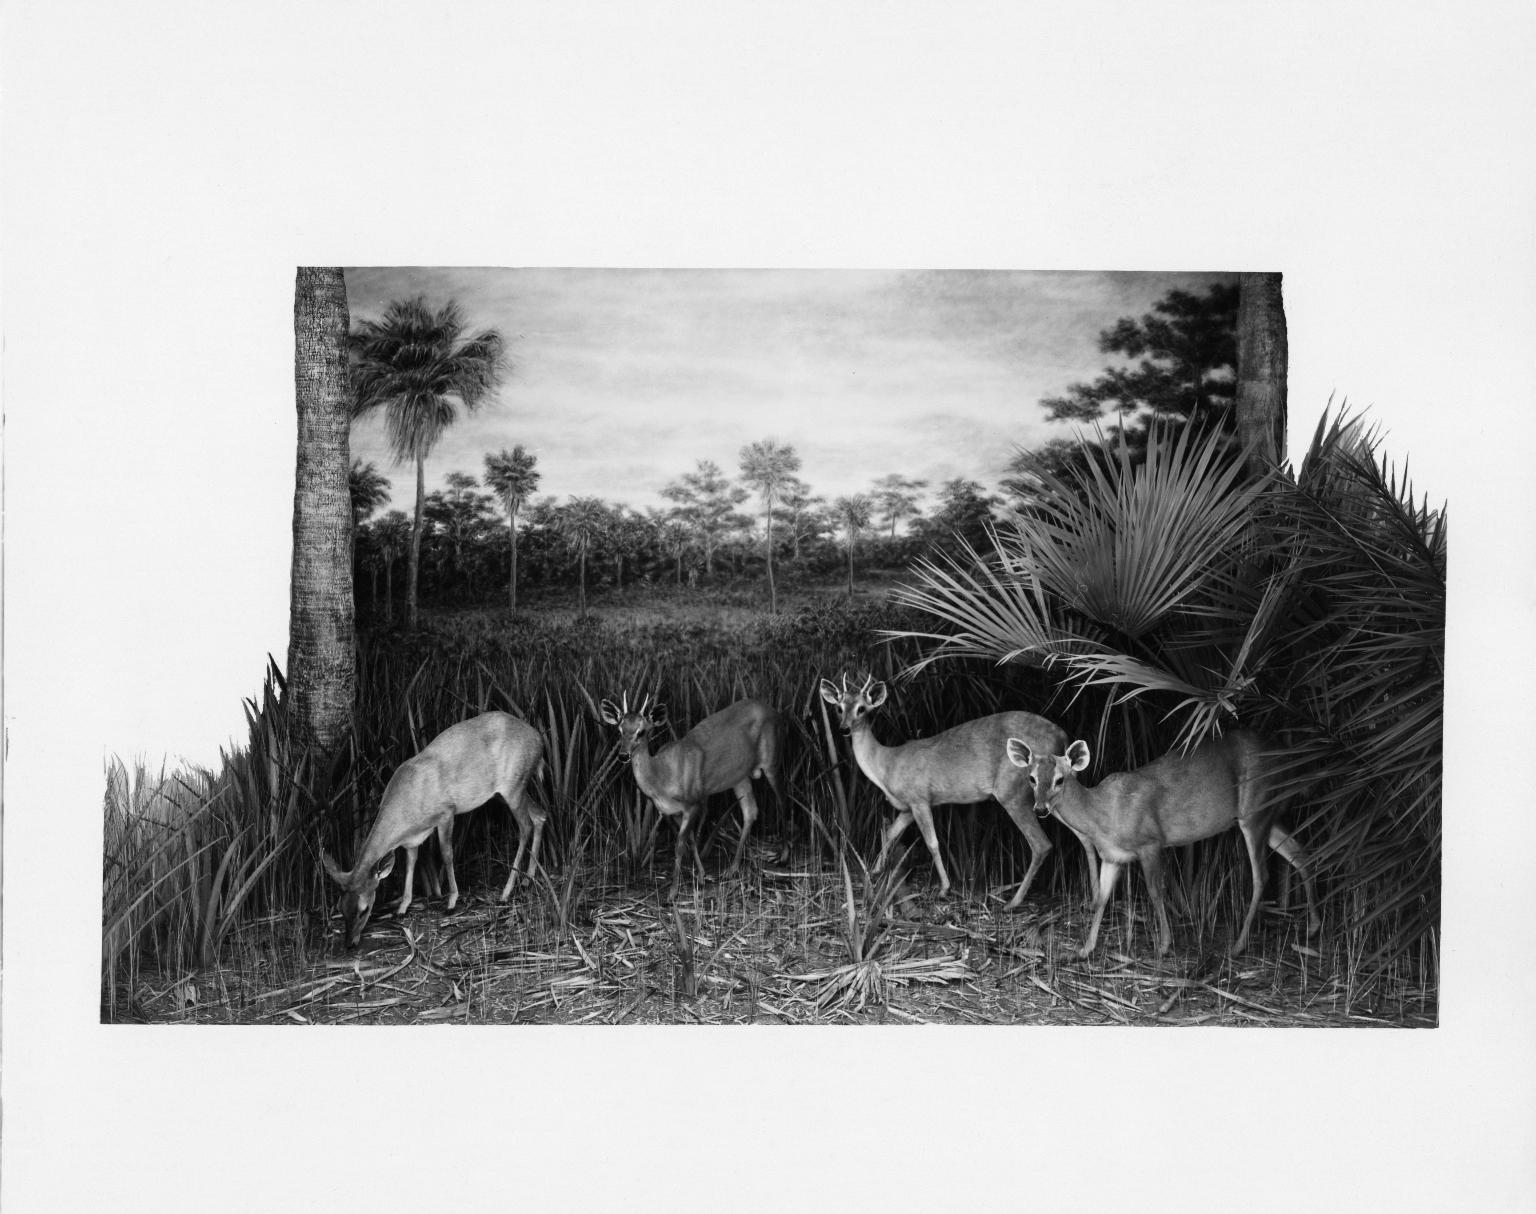 Brocket Deer Group